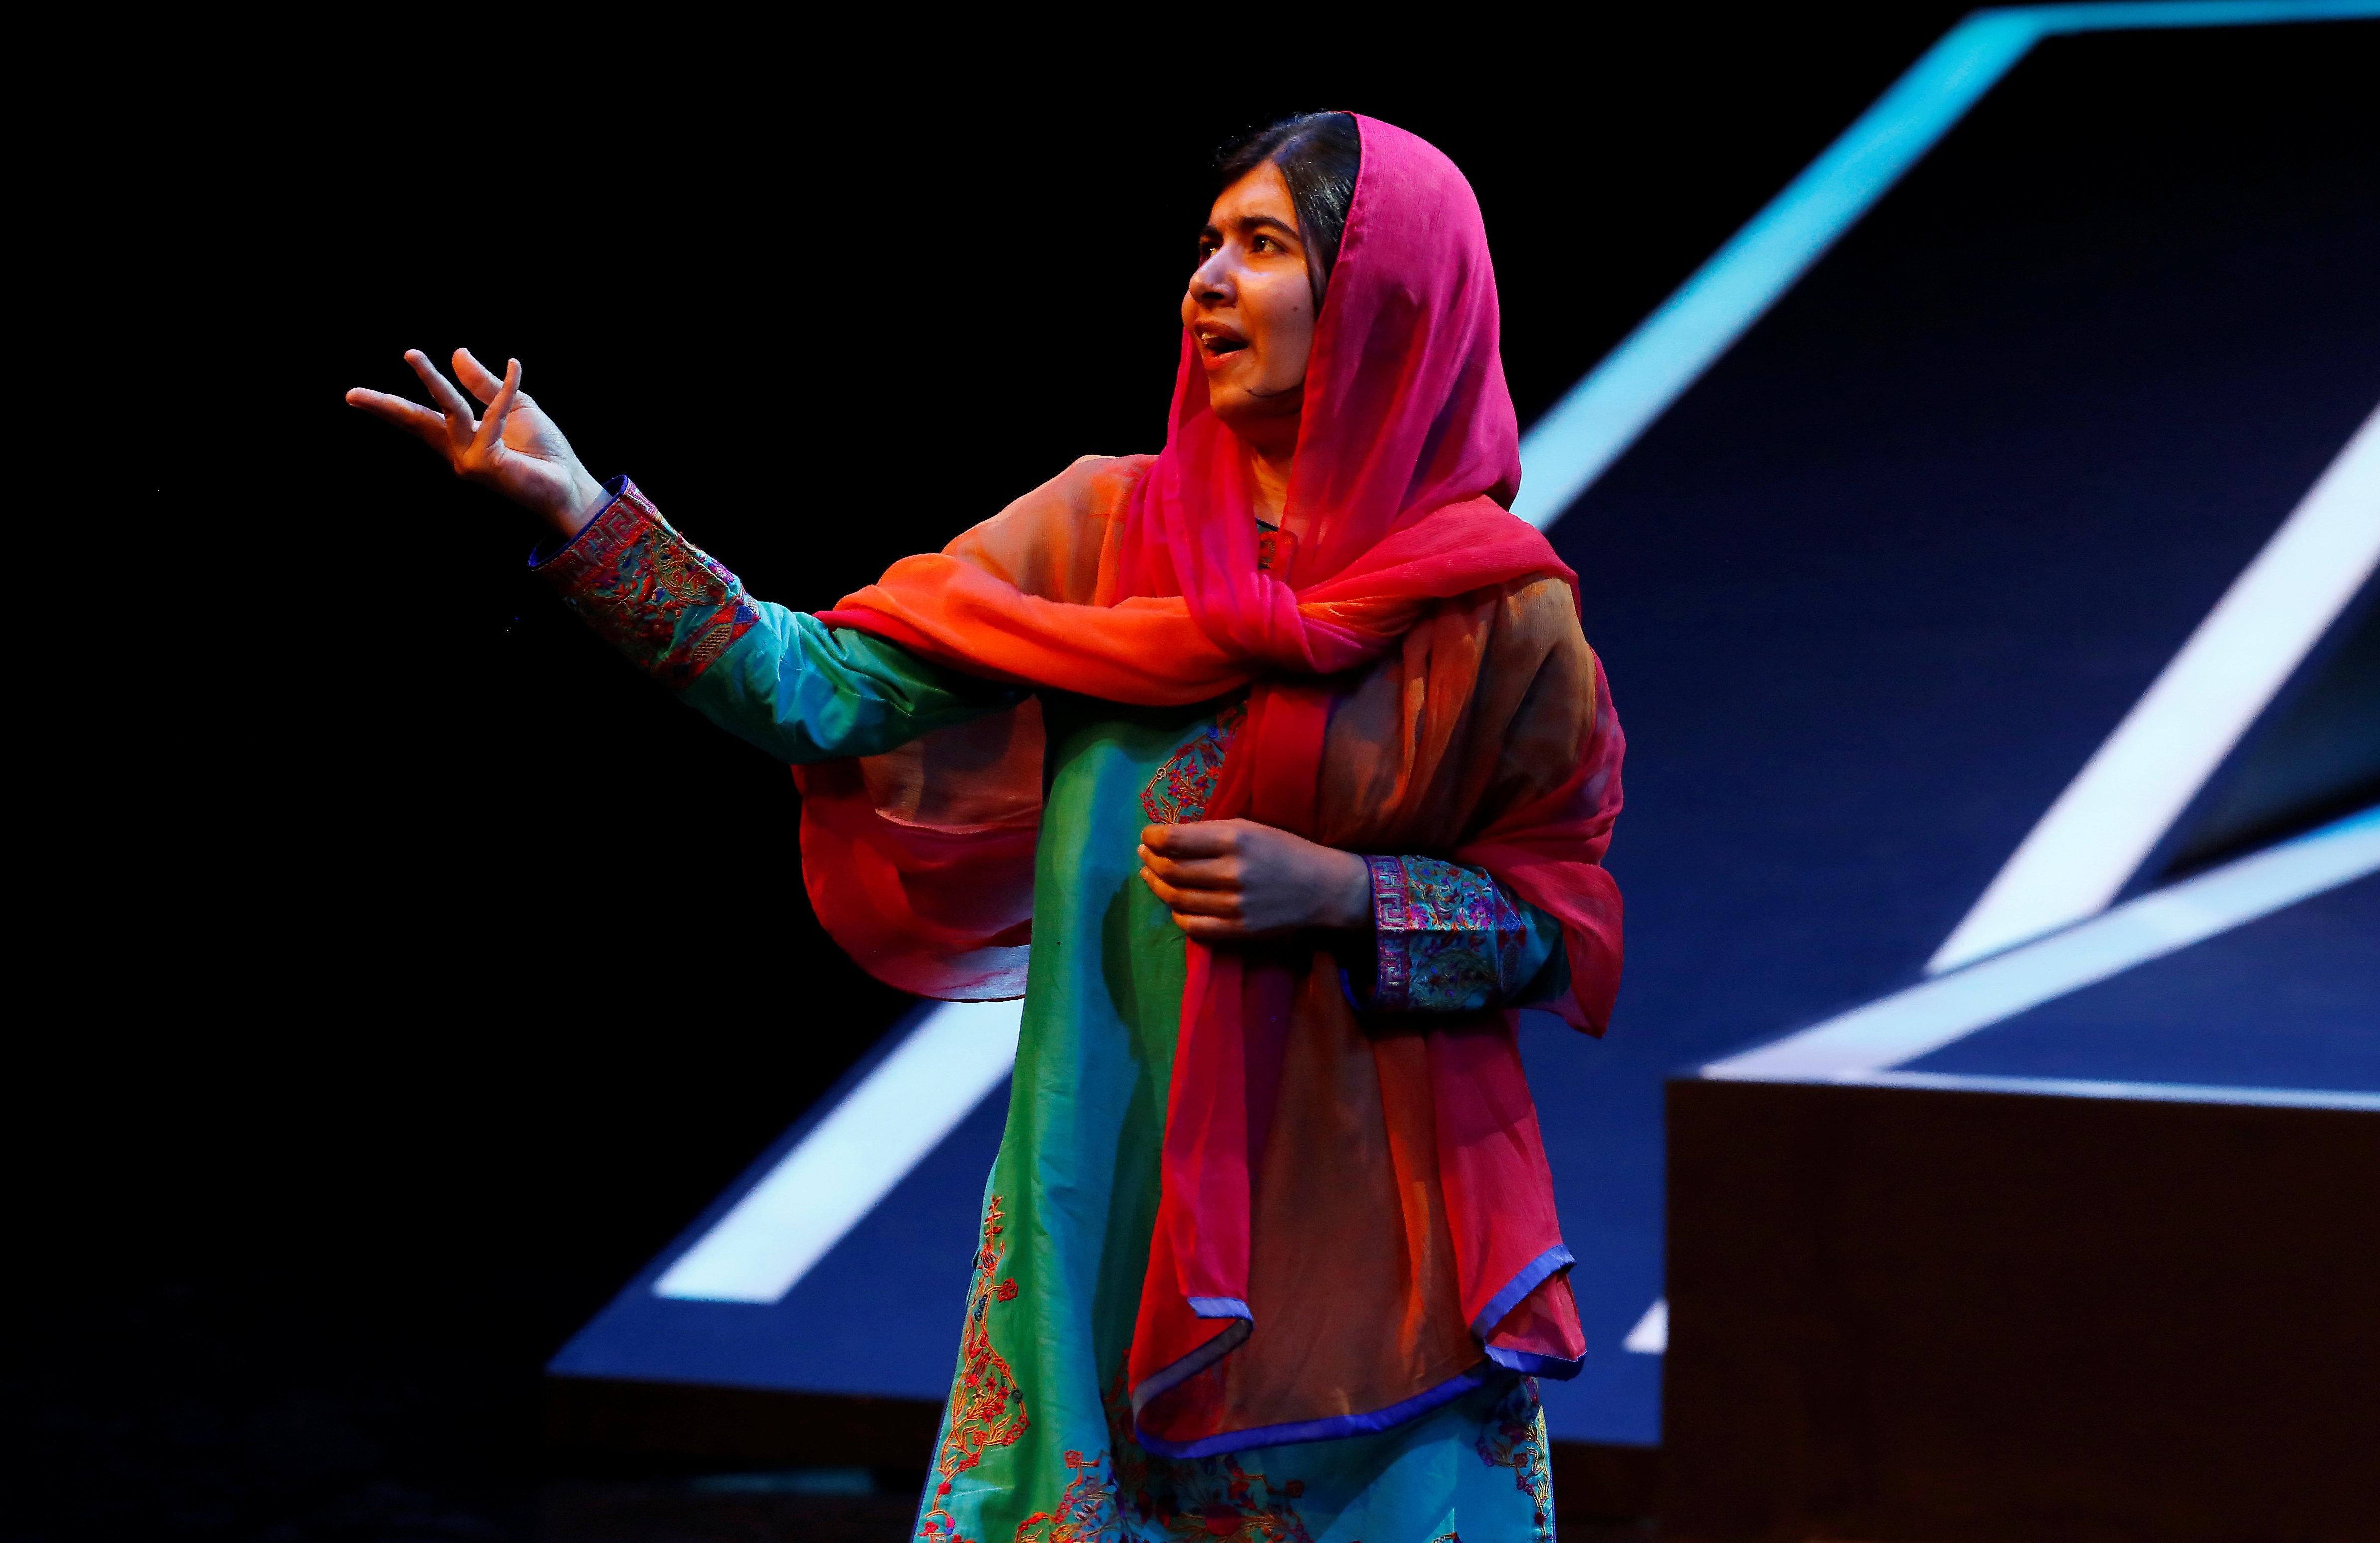 Έξι χρόνια αφότου οι Ταλιμπάν αποπειράθηκαν να την εκτελέσουν, η Μαλάλα Γιουσαφζάι επιστρέφει στο